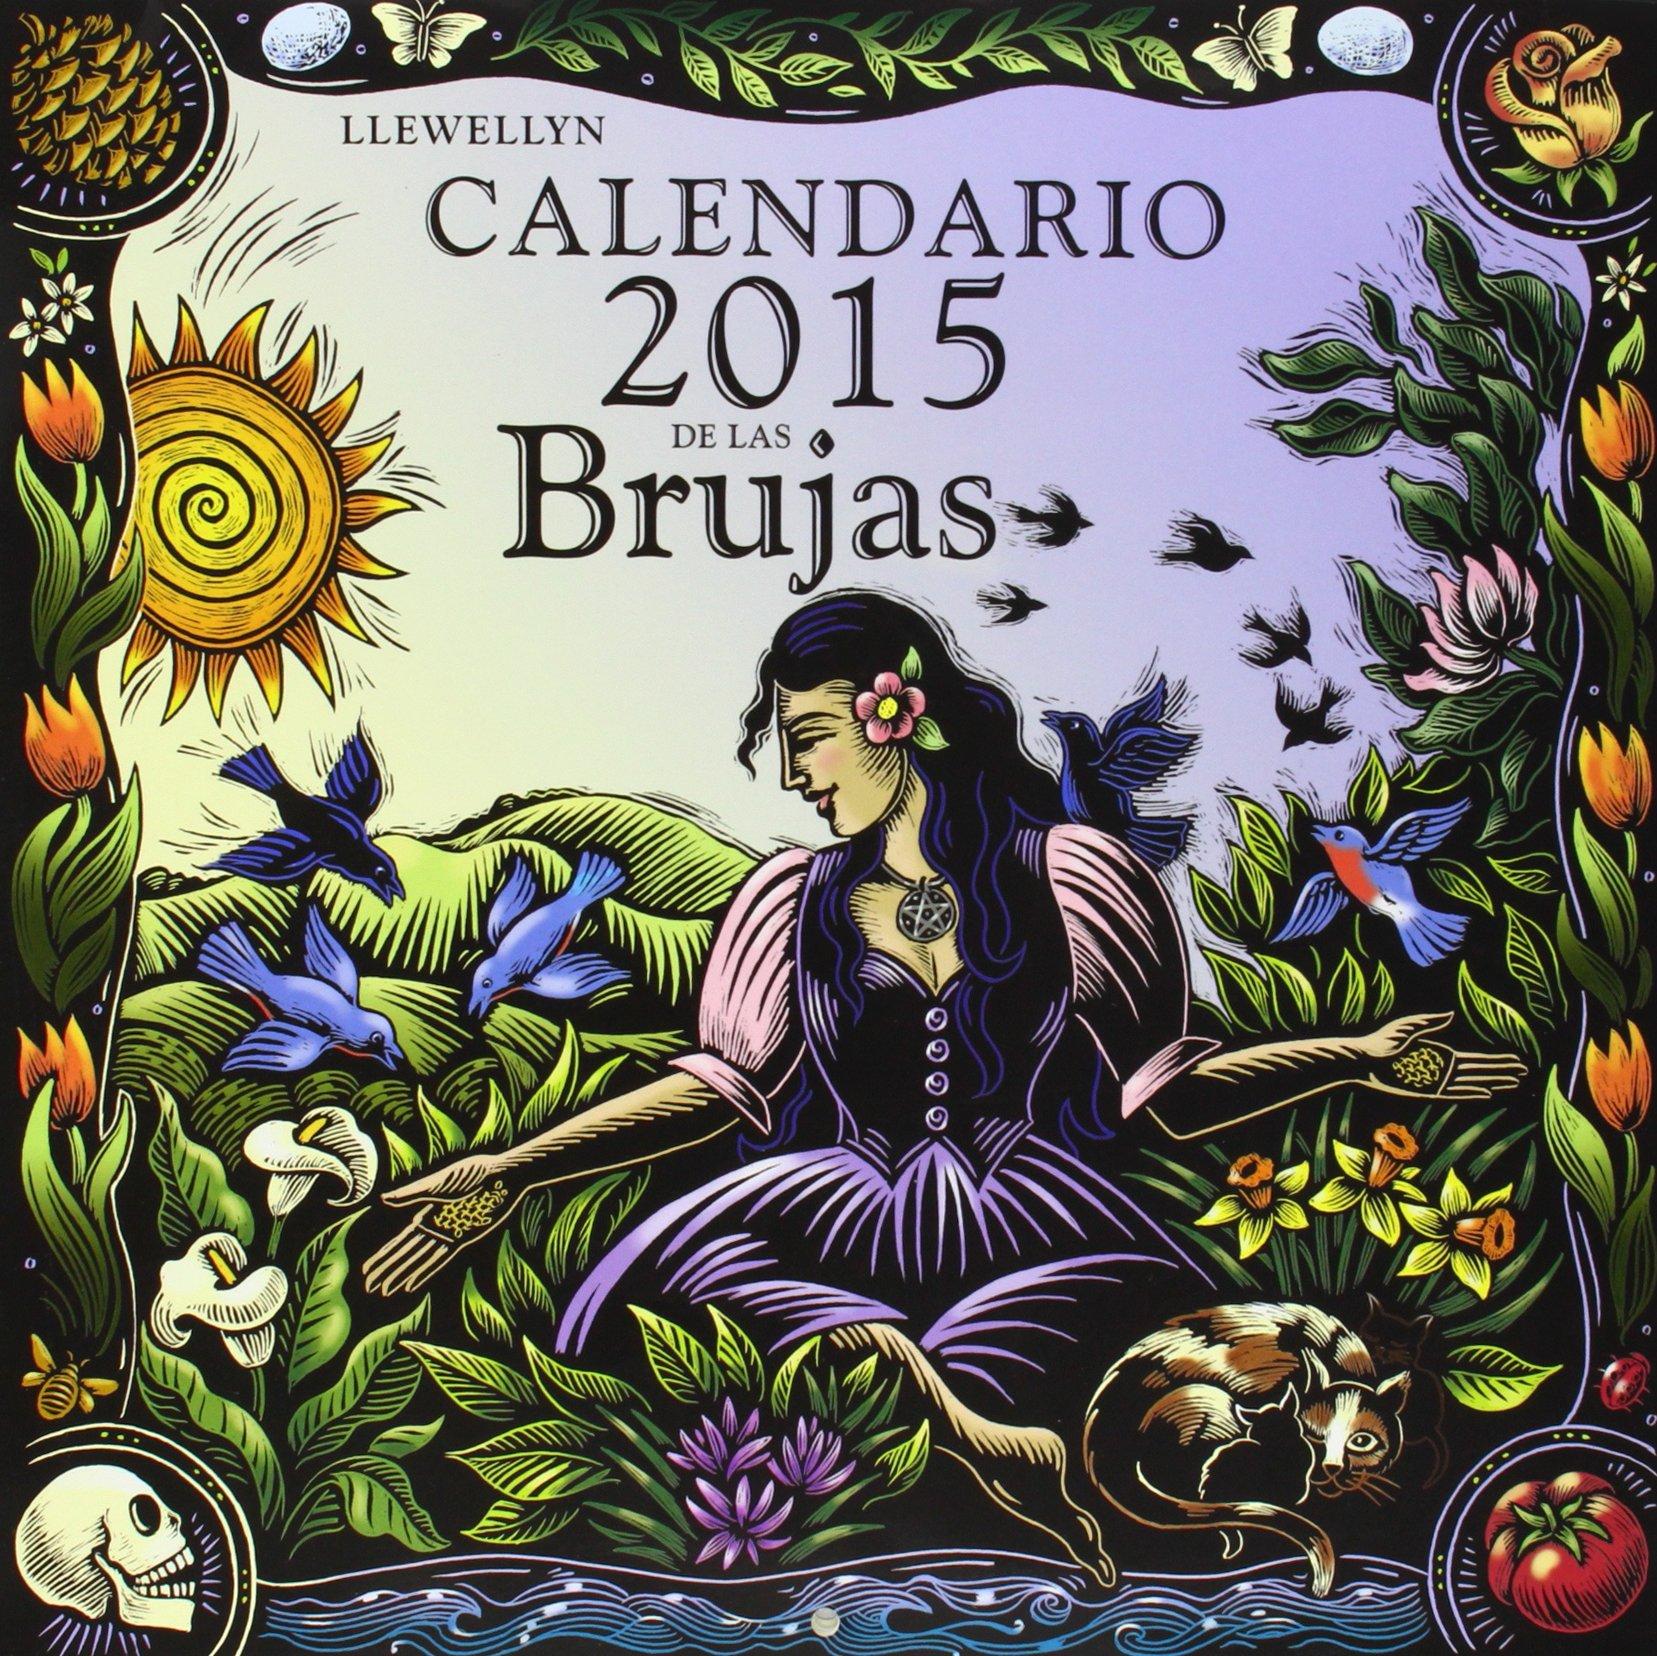 2015 Calendario Brujas (AGENDAS): Amazon.es: LLEWELLYN: Libros